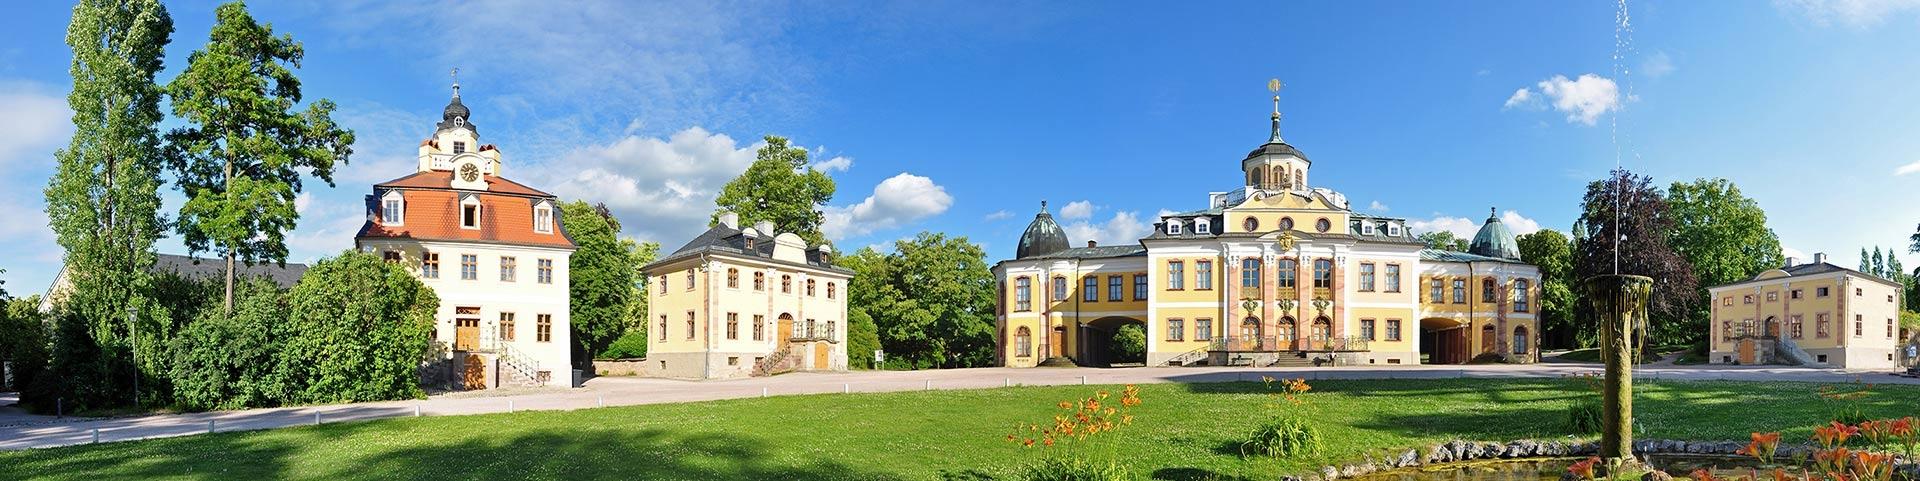 Belvedere Immobilien in Weimar